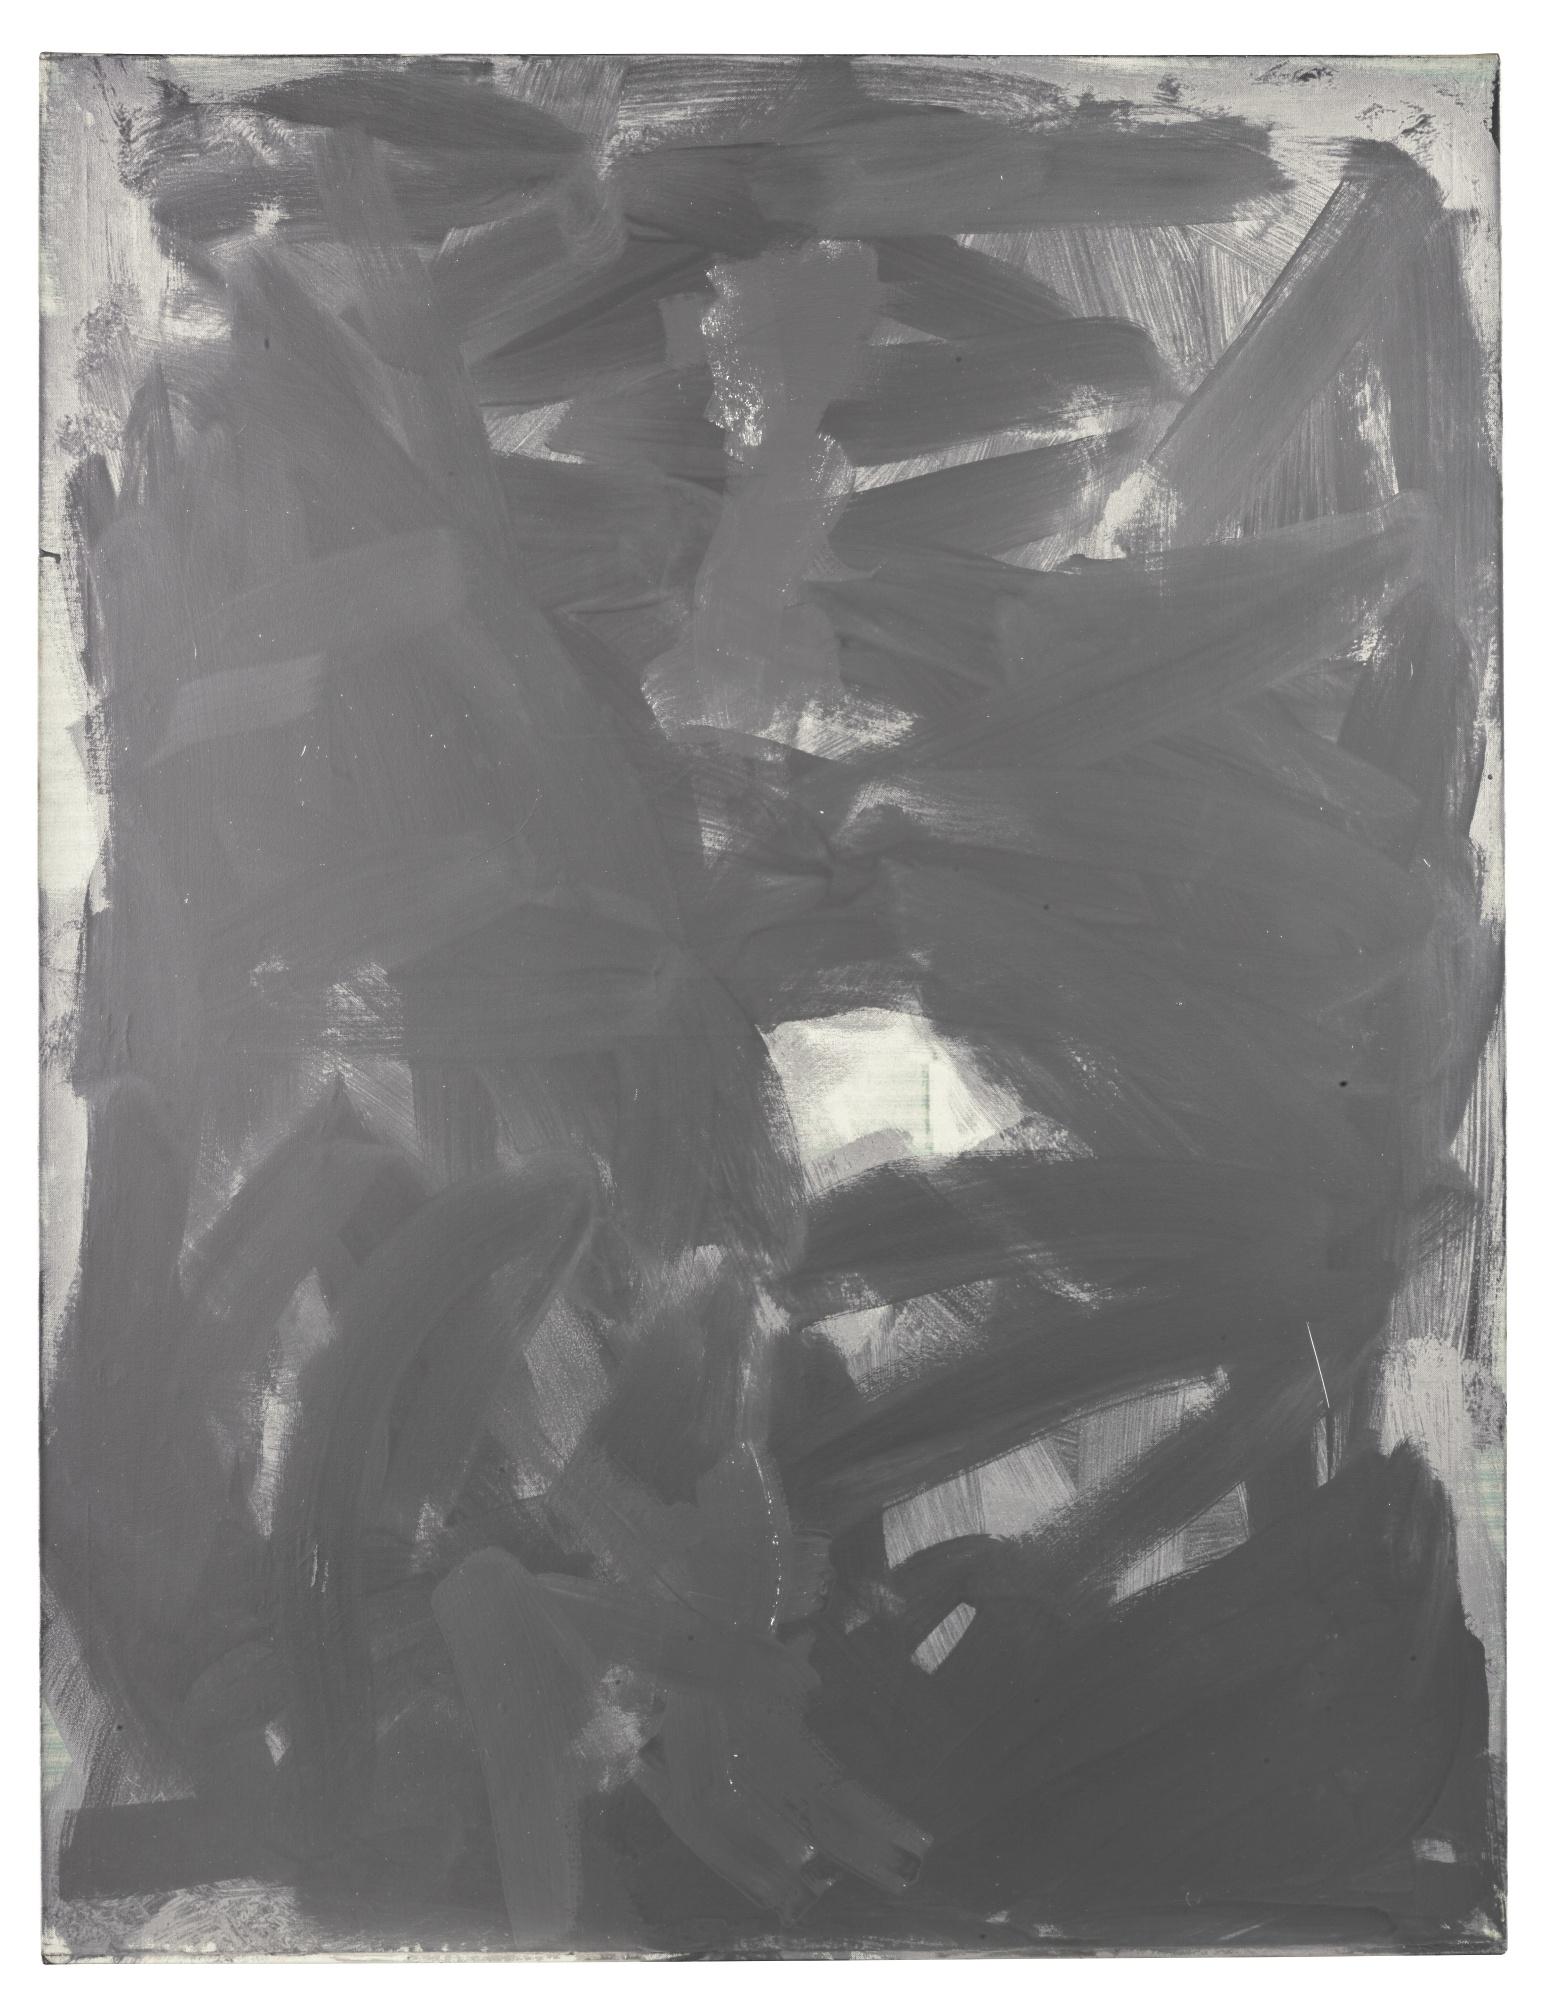 Stefan Bruggemann-Work Obliterated #2-2008